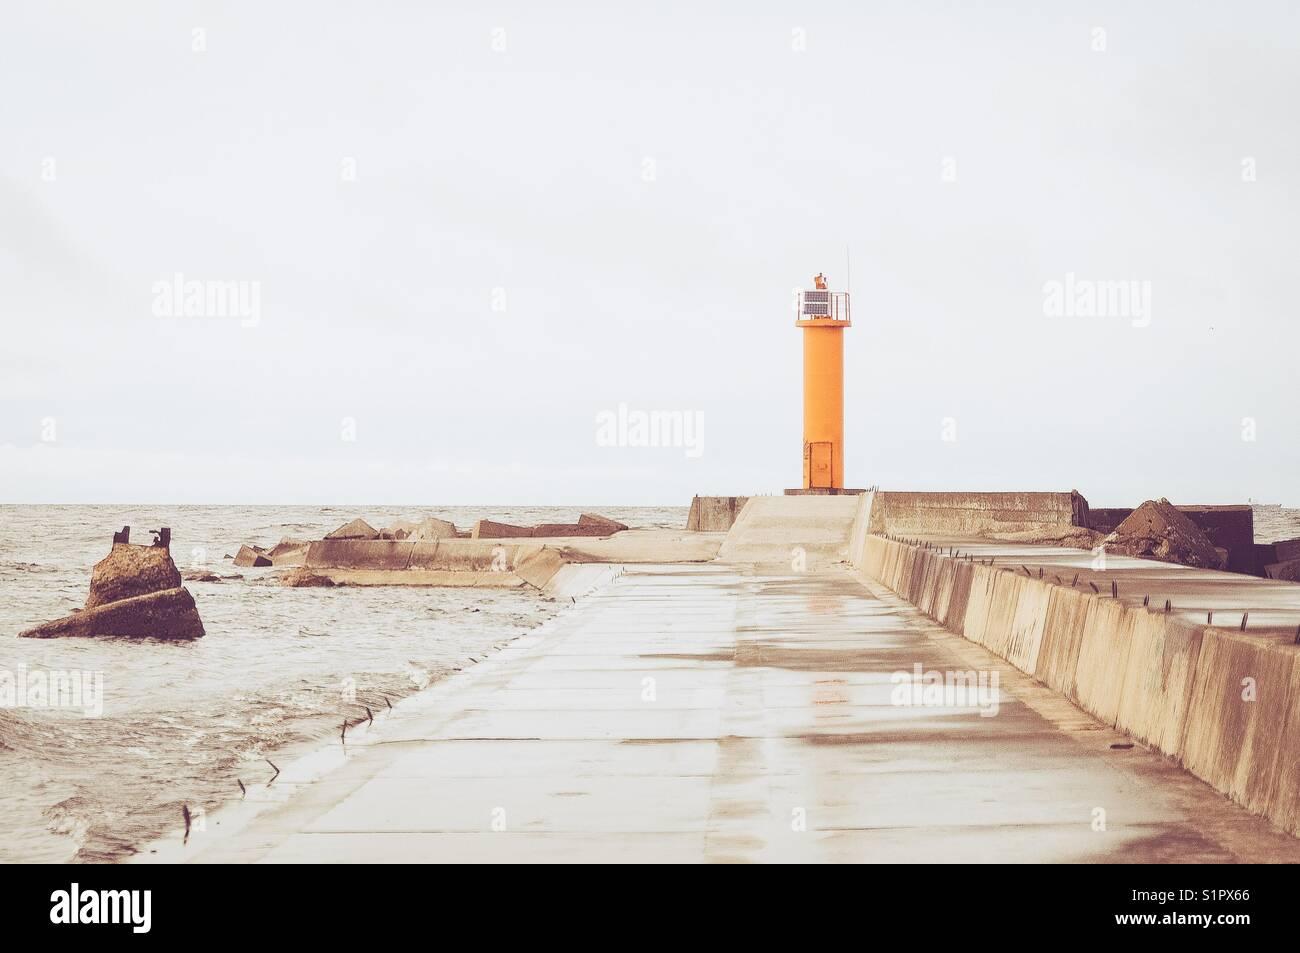 Ein Leuchtturm der Ostsee Mole. Stockfoto